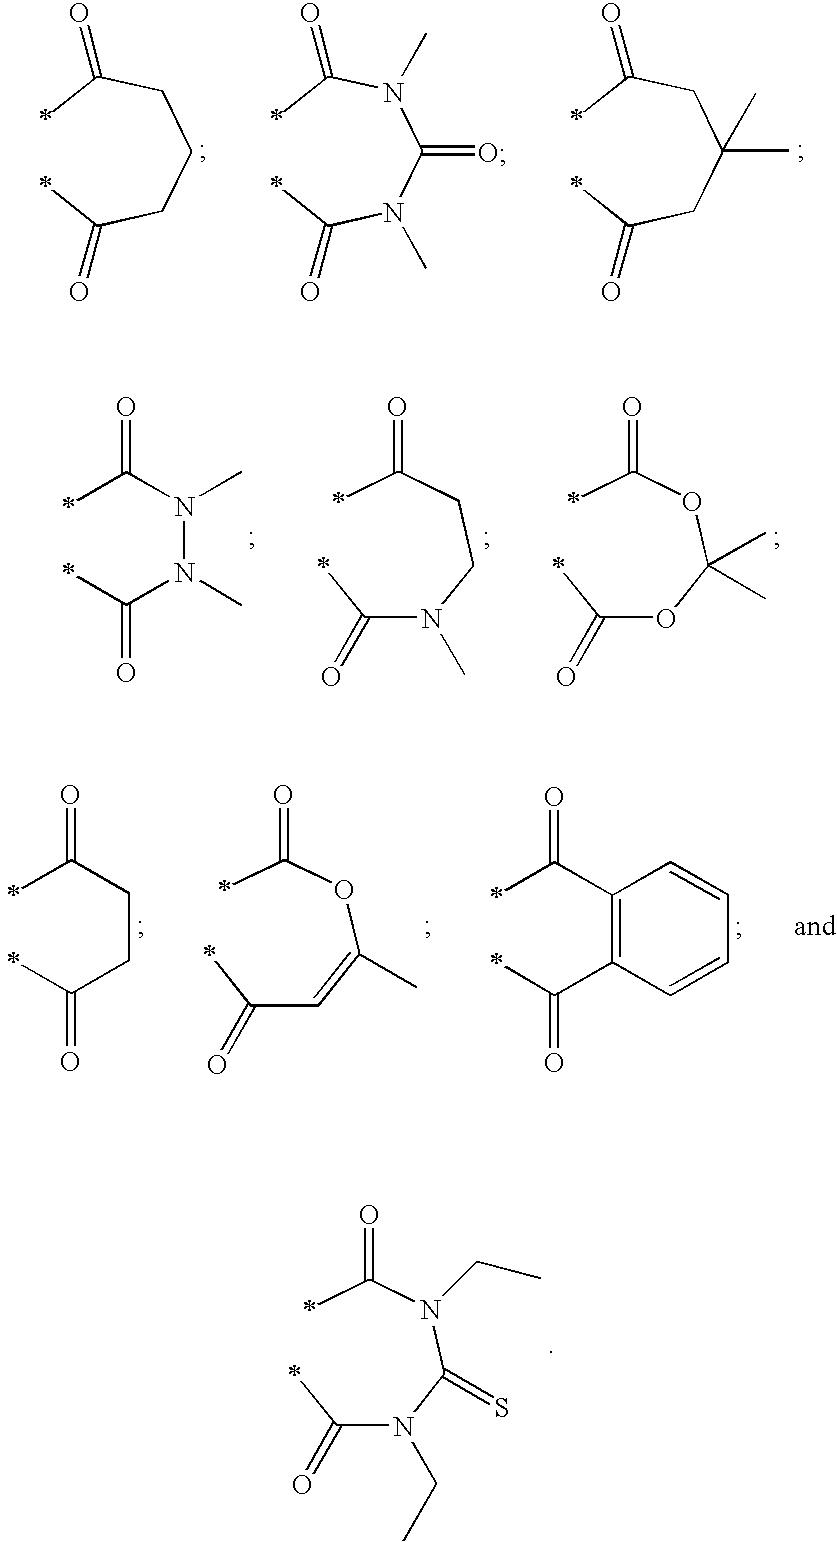 Figure US20100035839A1-20100211-C00051